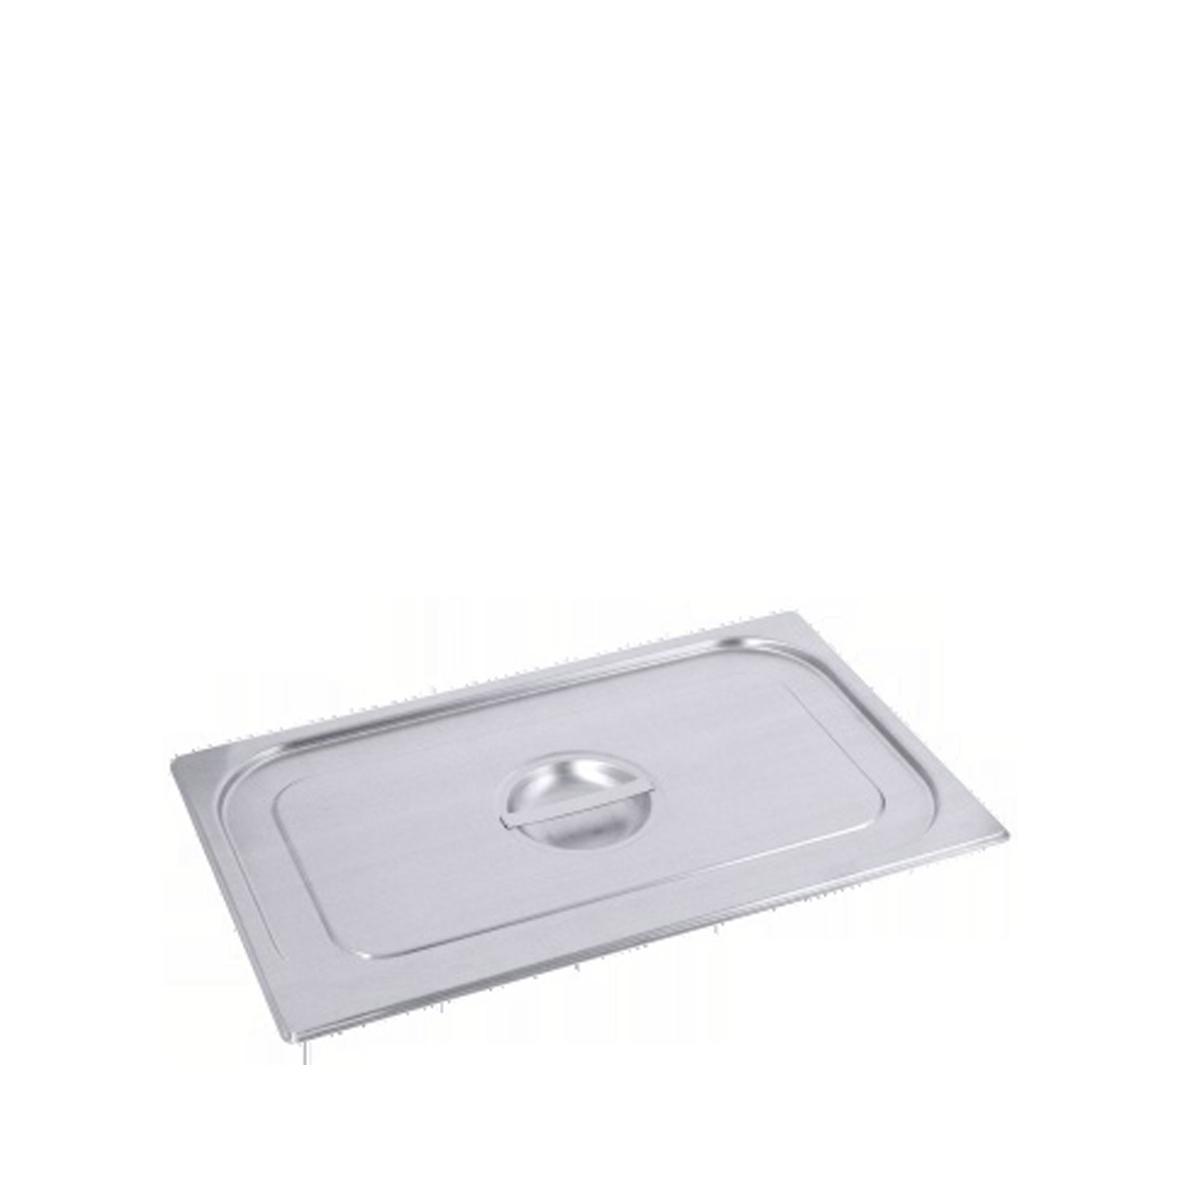 Deckel für 1/3 GN-Behälter